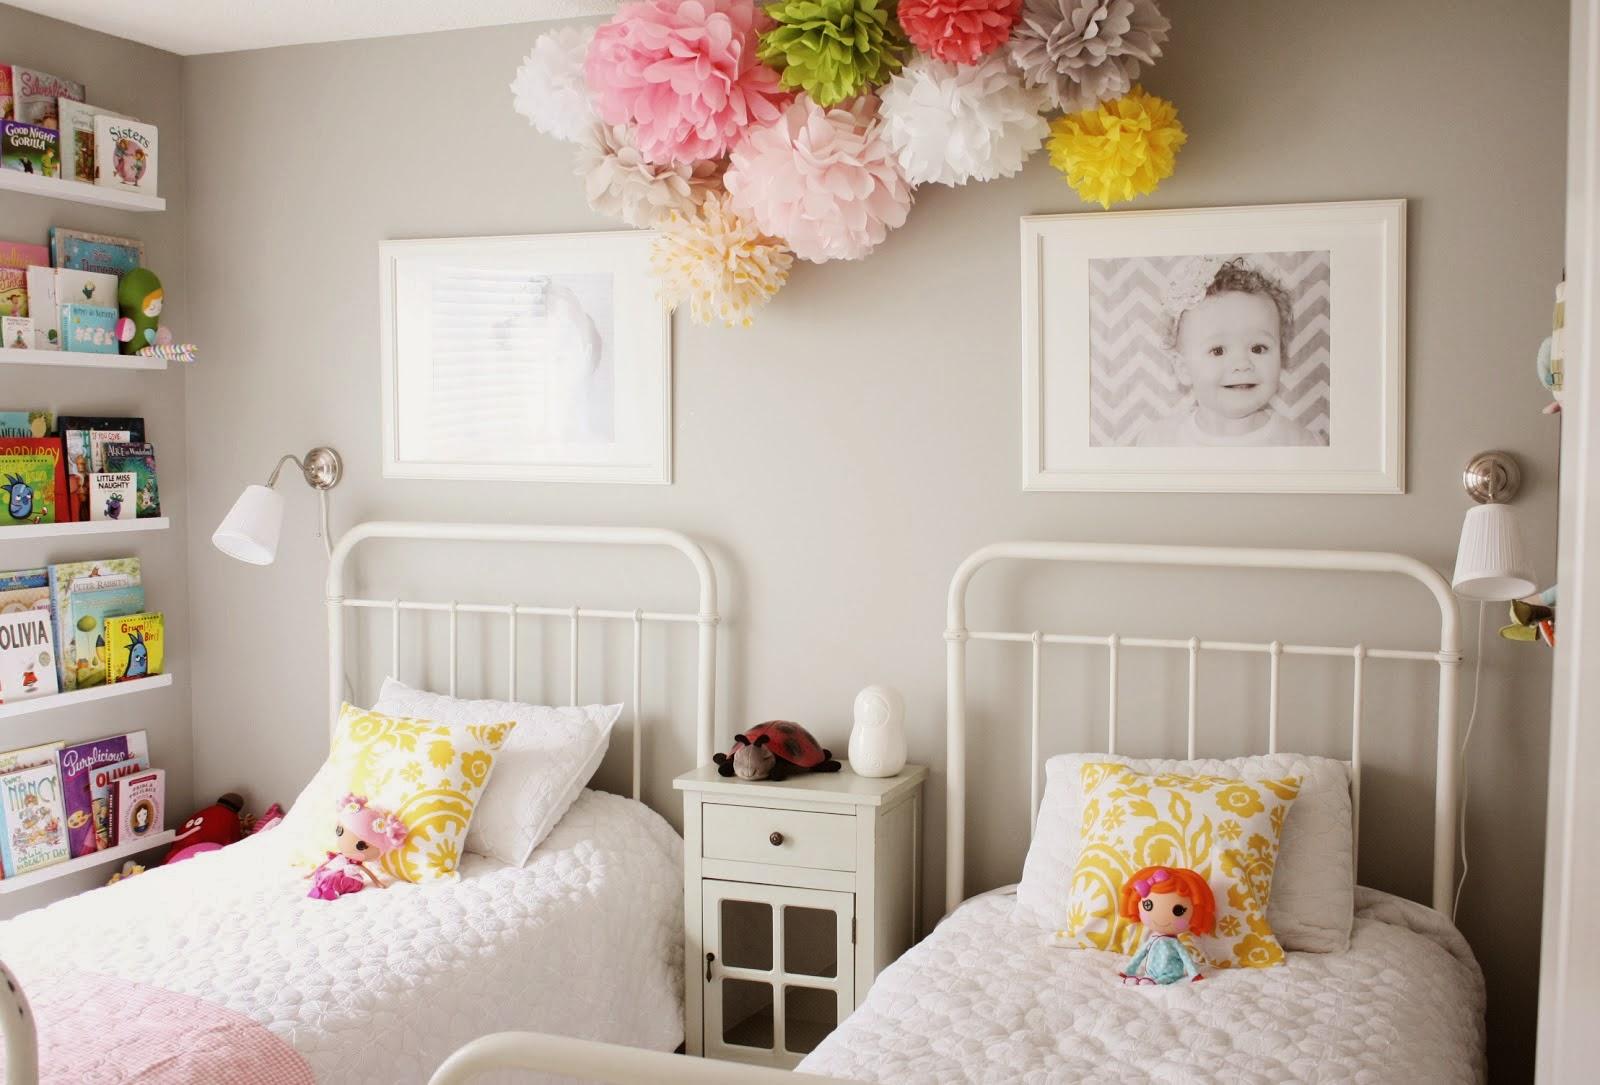 كيفية تزيين غرف الأطفال بأشياء بسيطة   ديكورموز